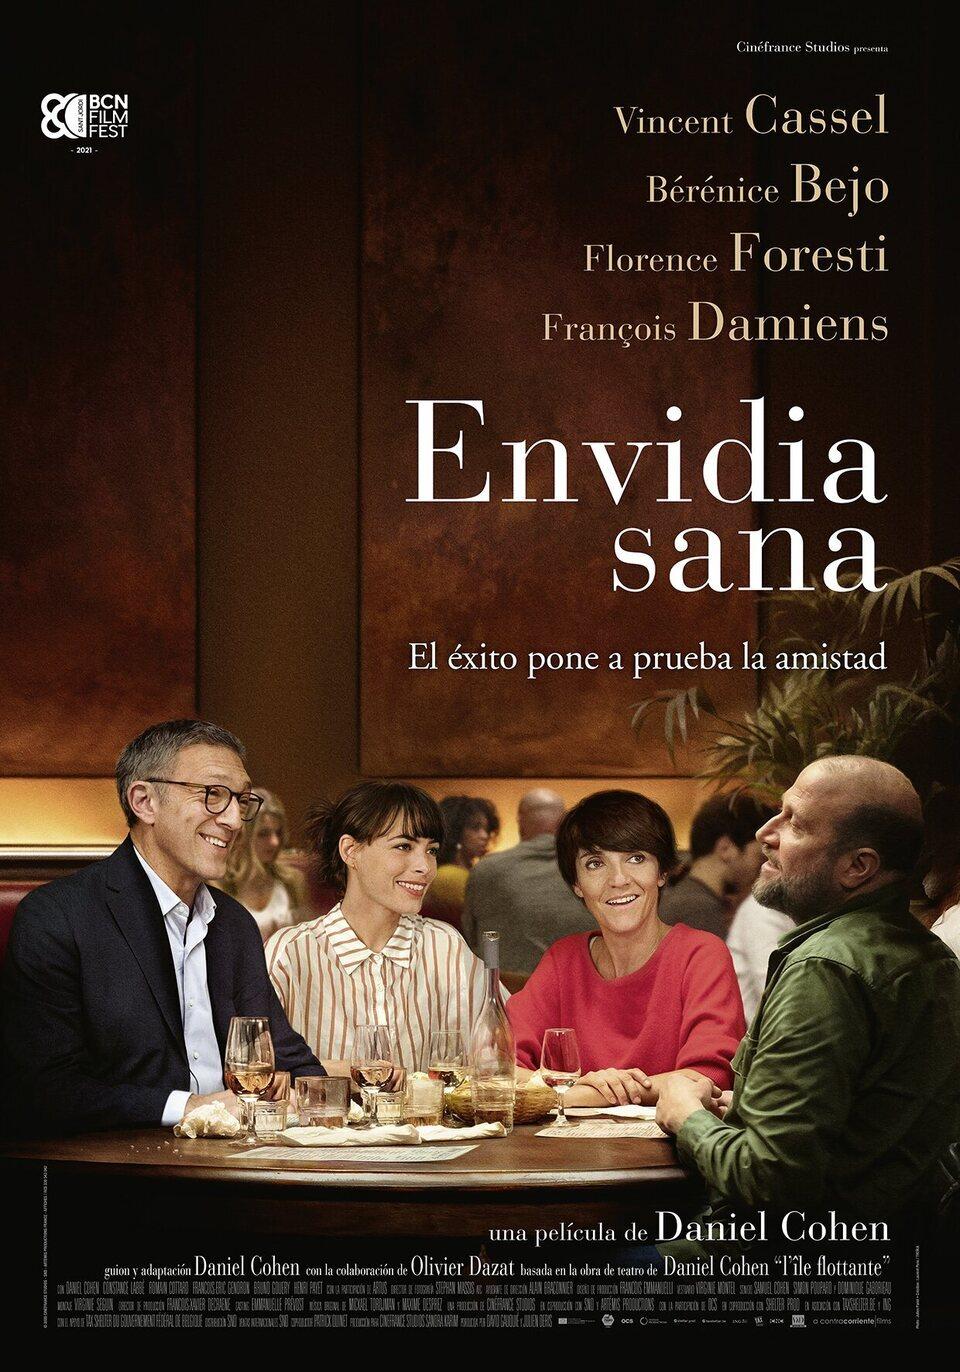 Cinema d'estiu: Envidia sana / 09-08-2021, a les 22 h, a Vandellòs